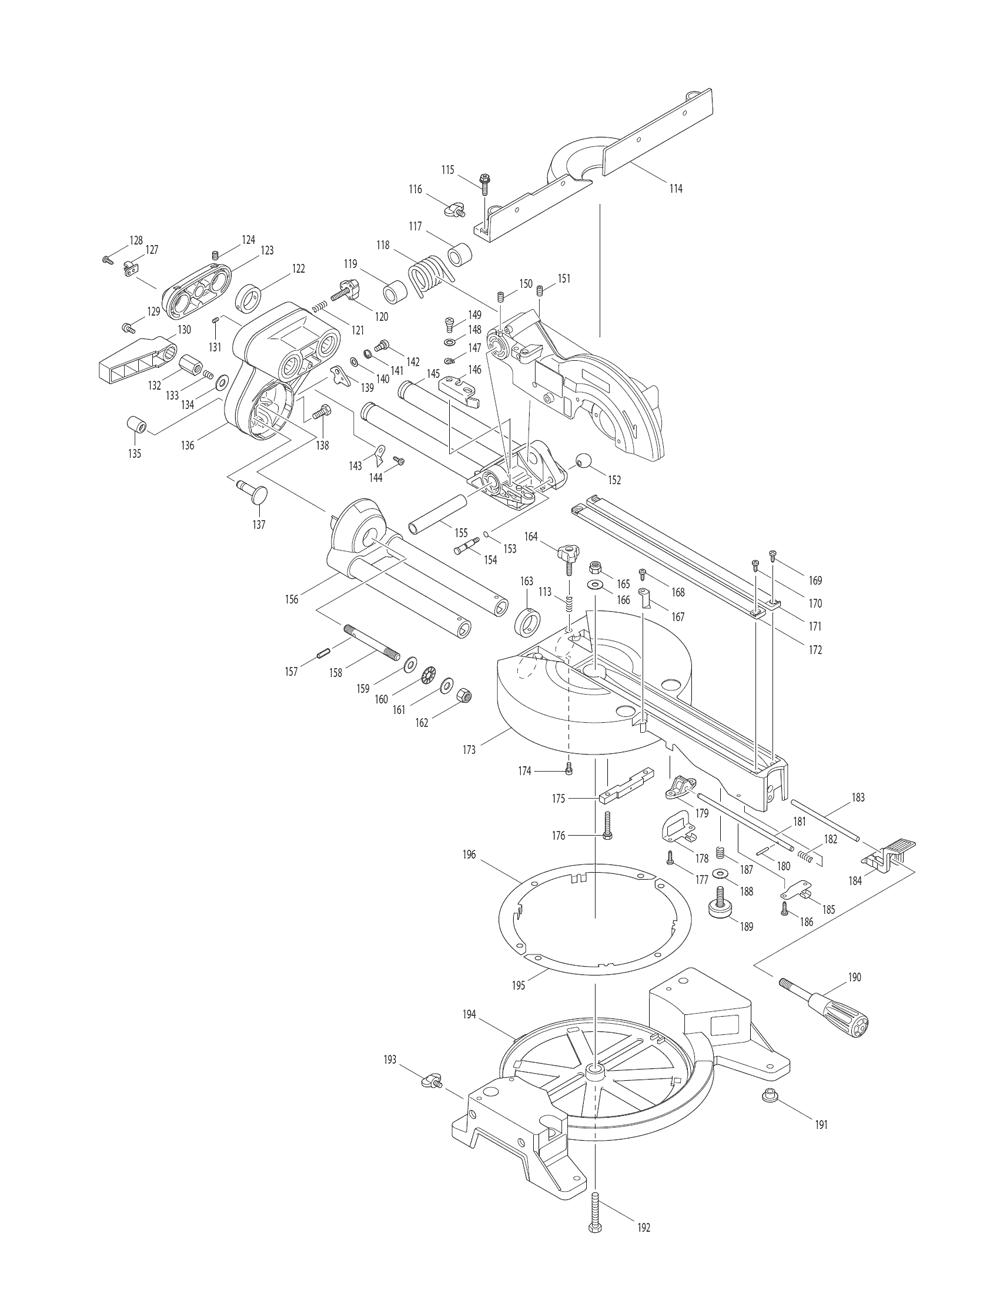 LXSL01Z1-T2-Makita-PB-1Break Down